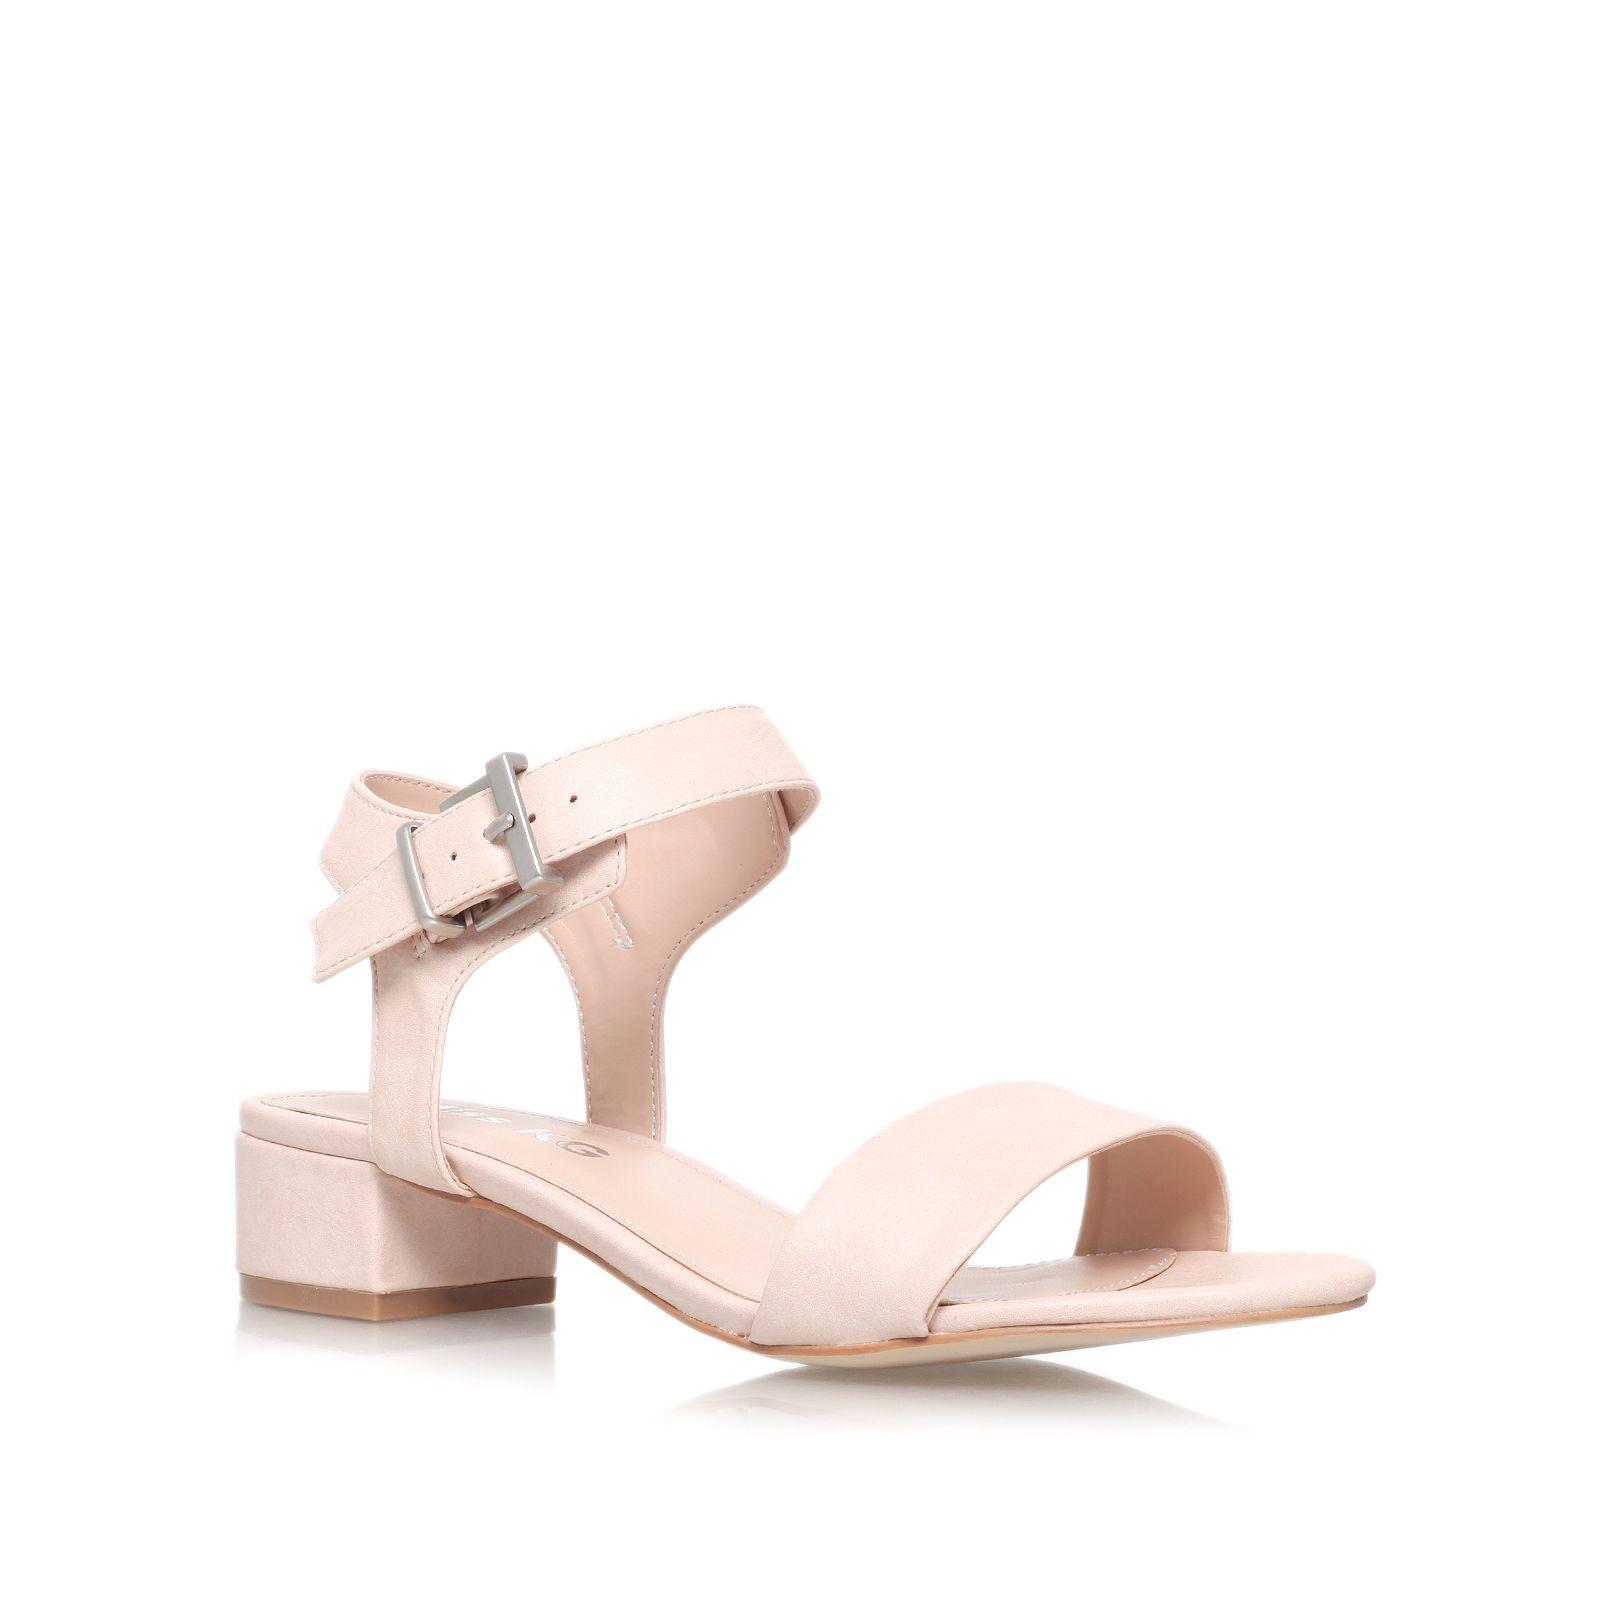 Low Heel Nude Sandals - Is Heel